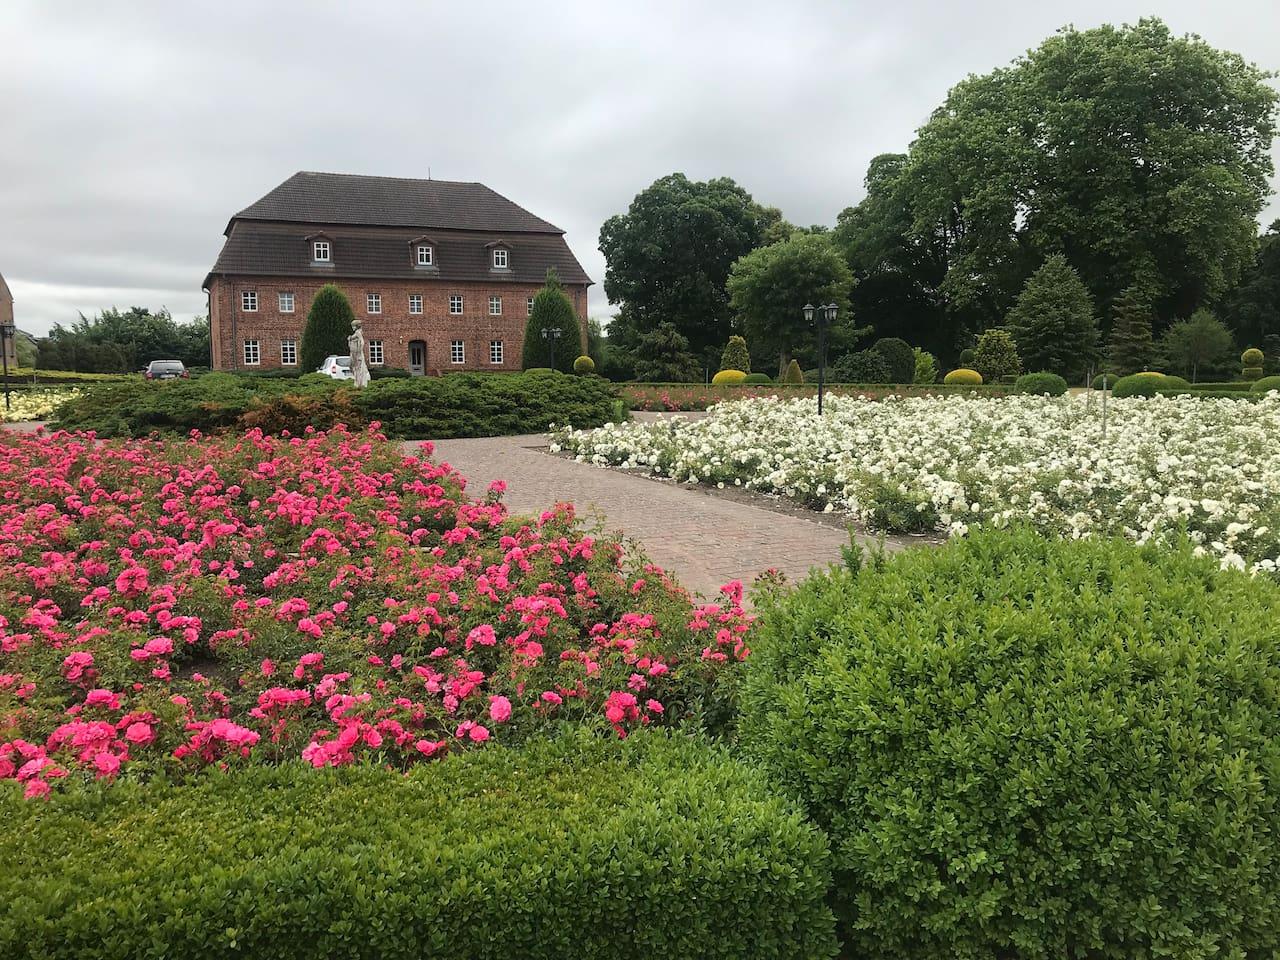 Blick vom Rosenrondell zum Kavalliershaus in dem sich die Ferienwohnung befindet. Auf der rechten Seite sieht man einen Teil vom Park.